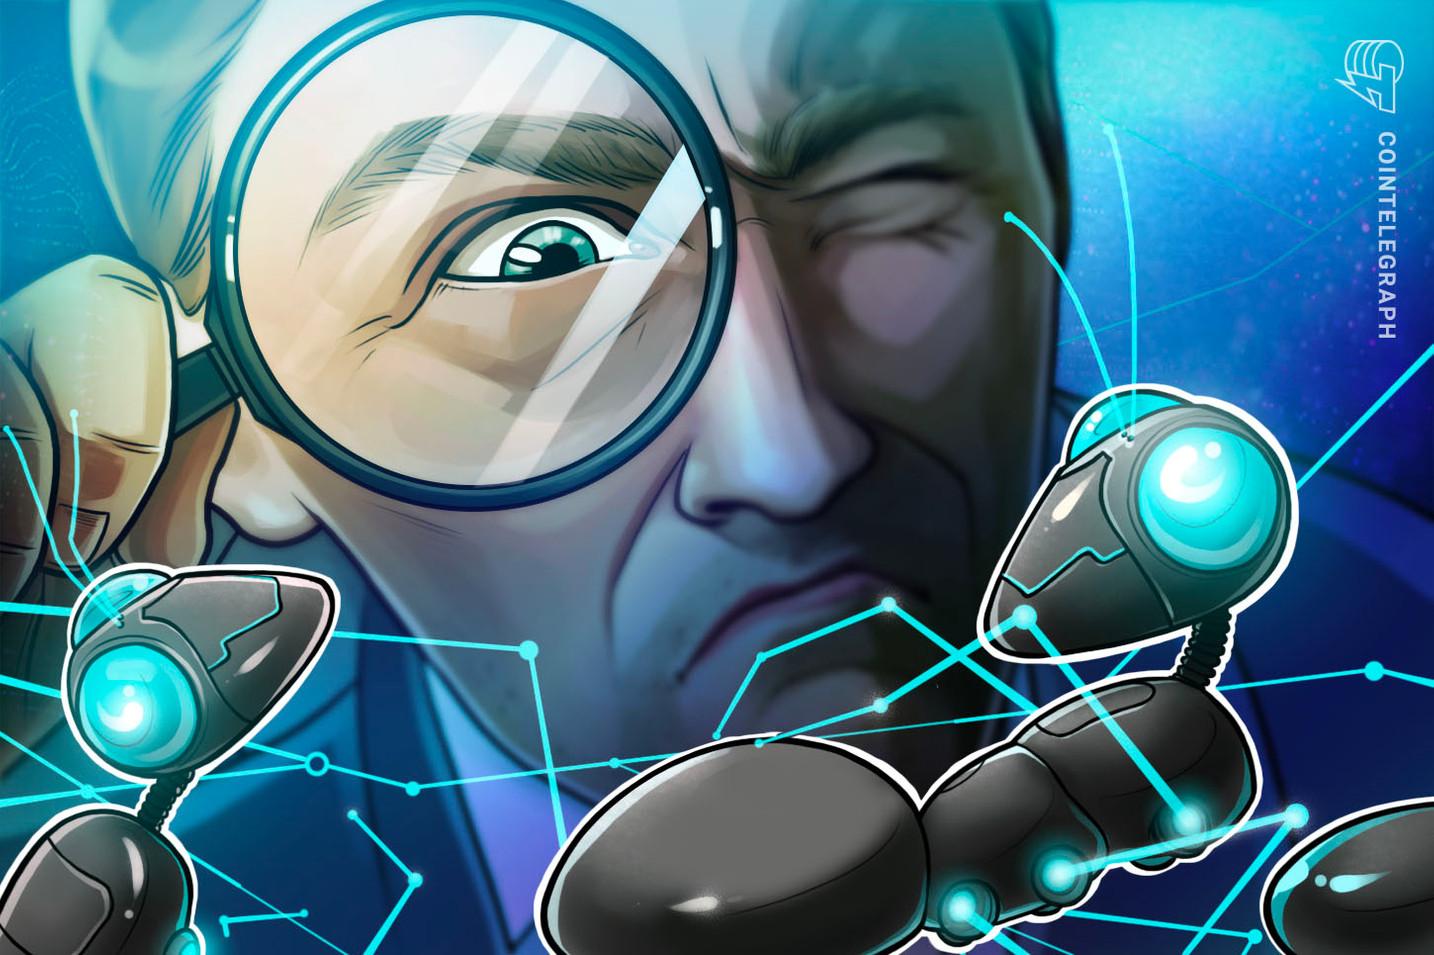 Vanguard tuvo éxito en la digitalización los valores respaldados por activos utilizando blockchain